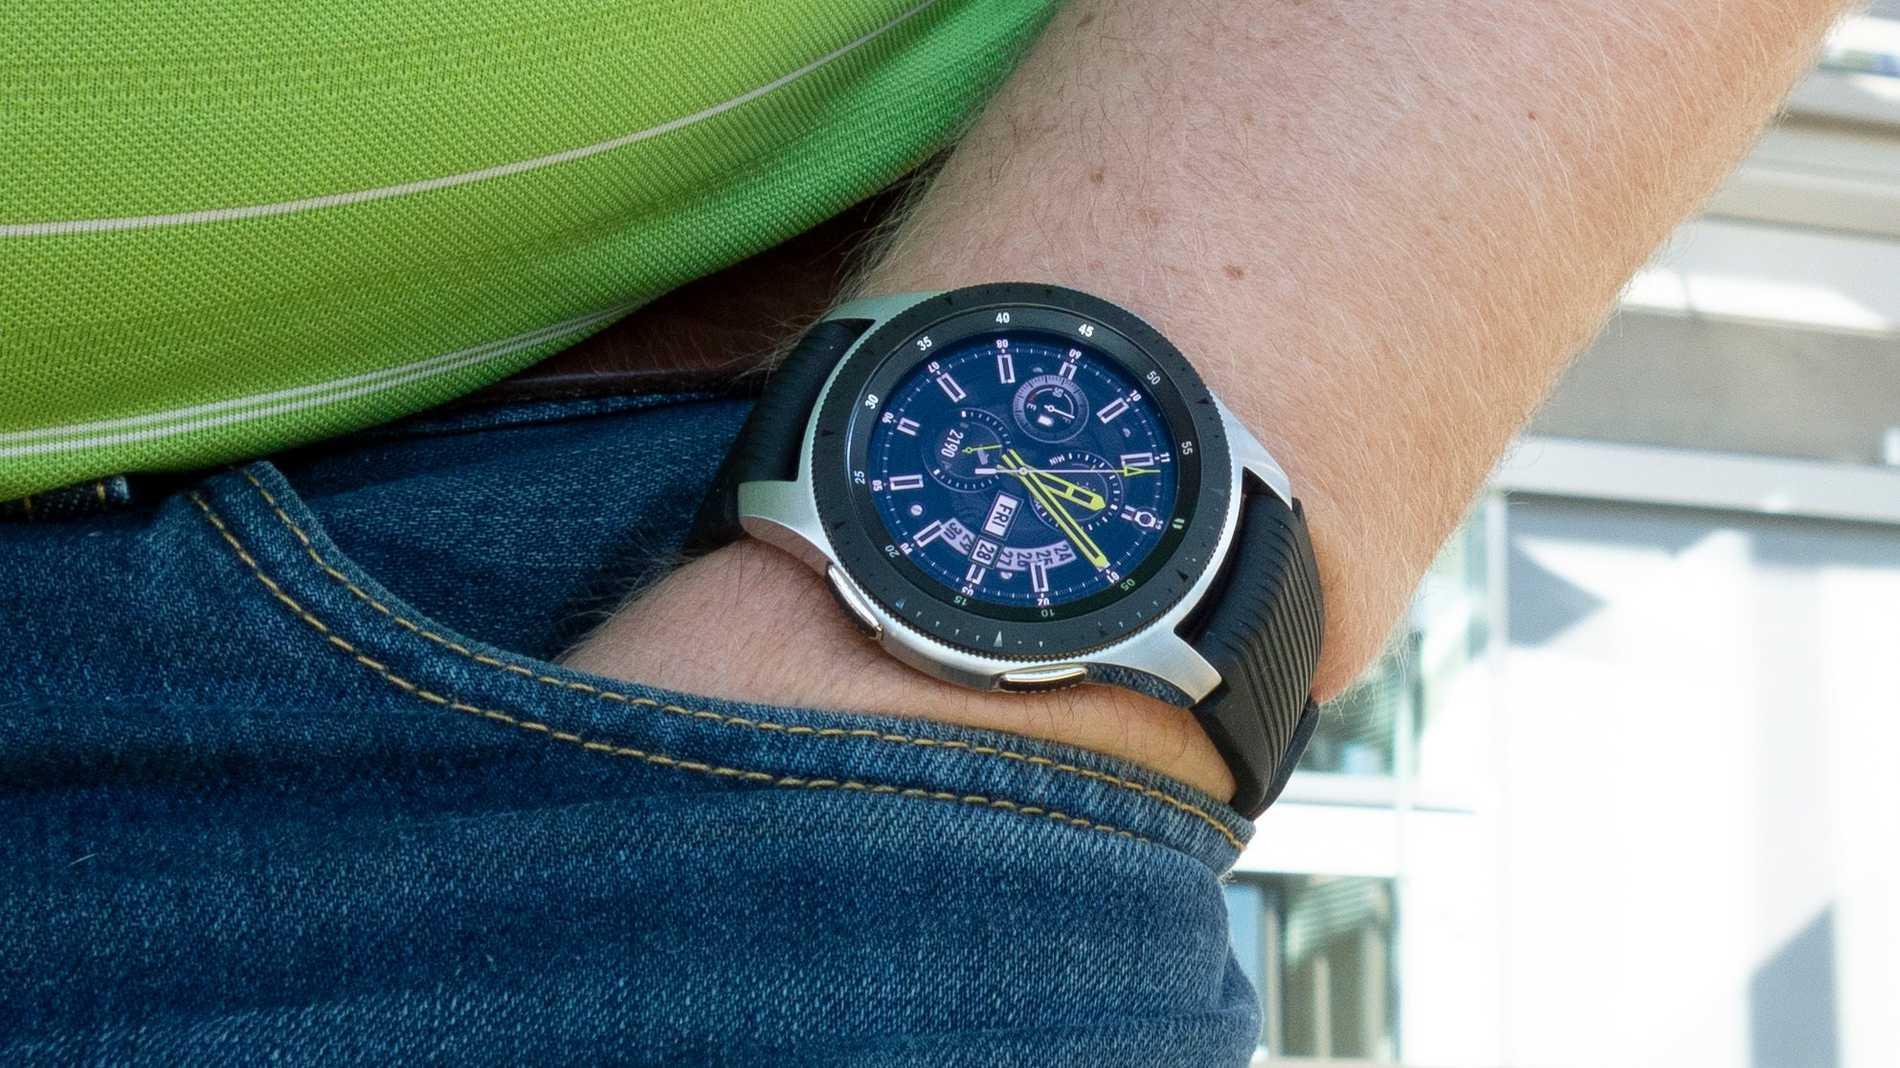 Klockan tar upp en hel del plats på armen, men finns även i en mindre modell.